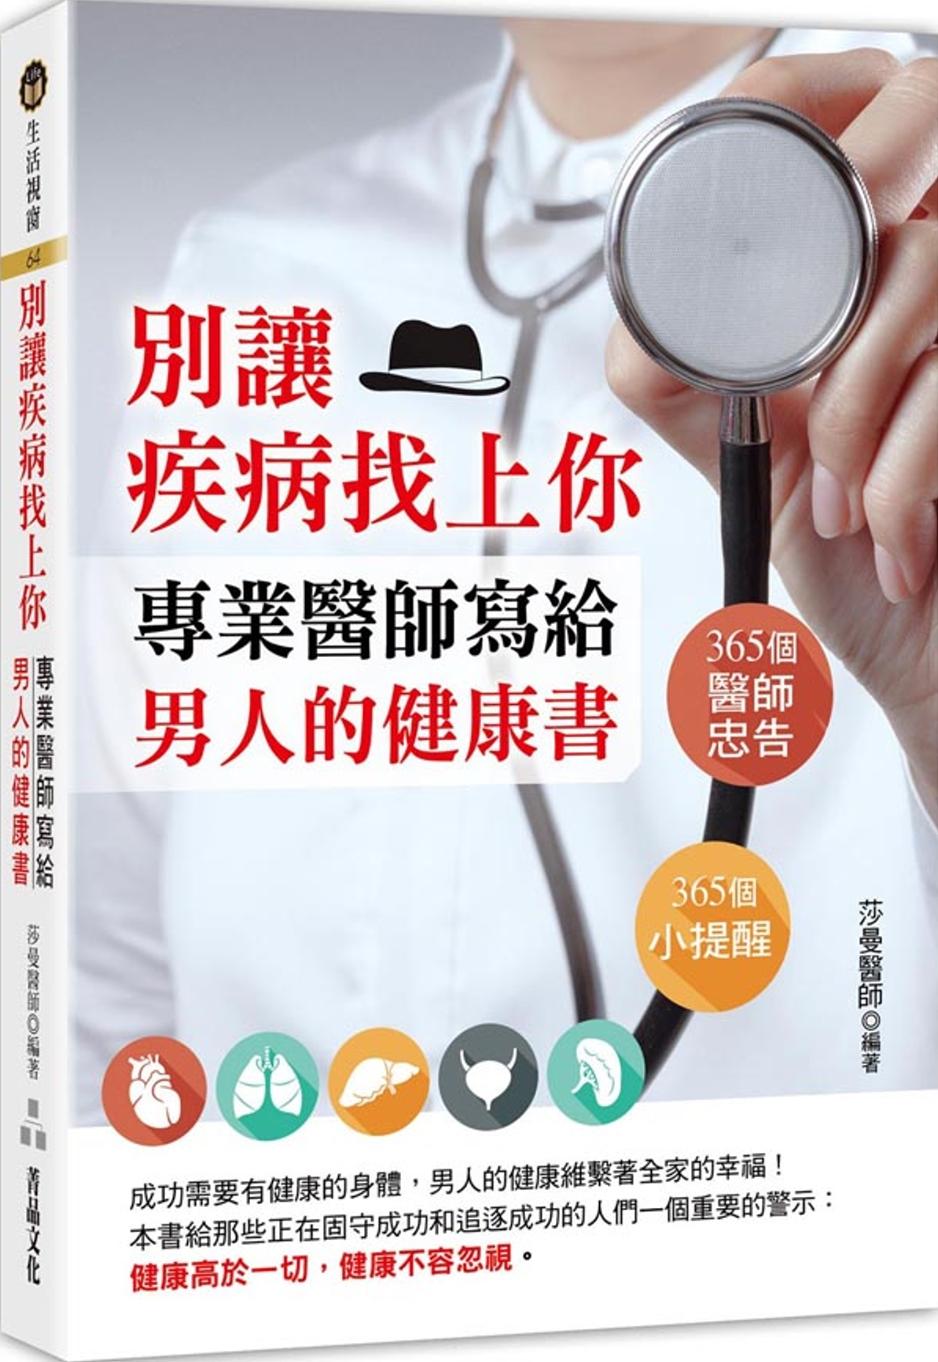 別讓疾病找上你:專業醫師寫給男人的健康書